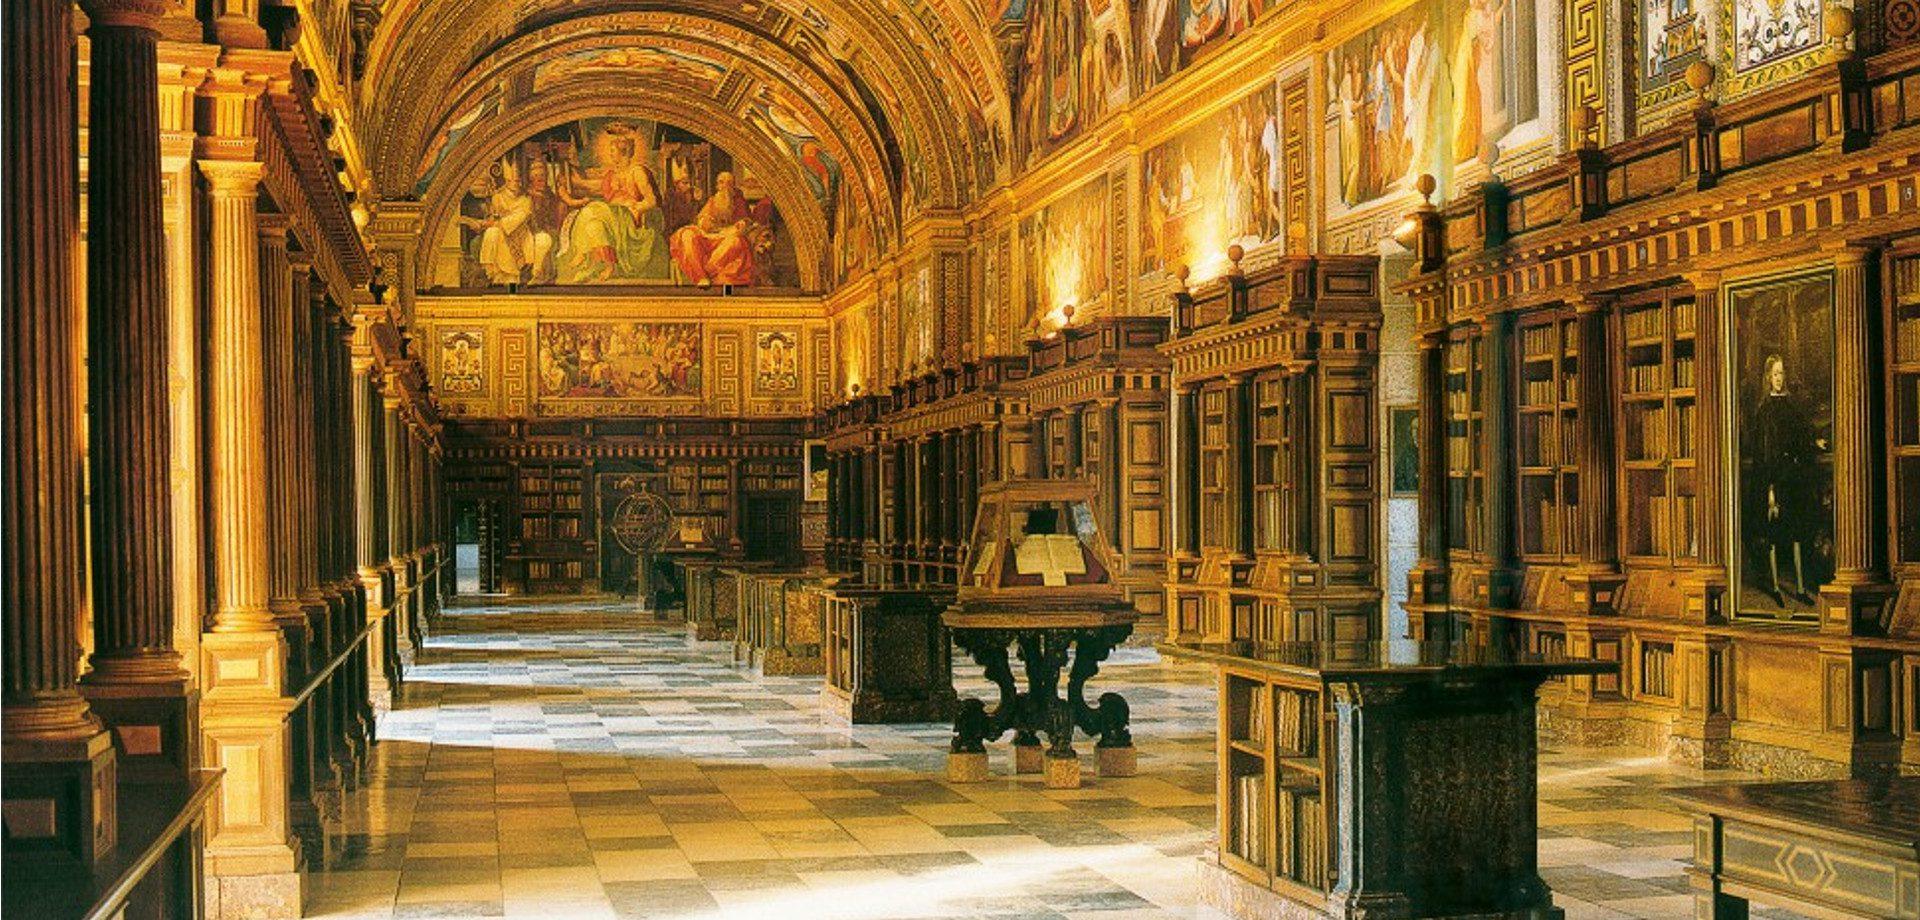 βιβλιοθήκες της αρχαιότητας